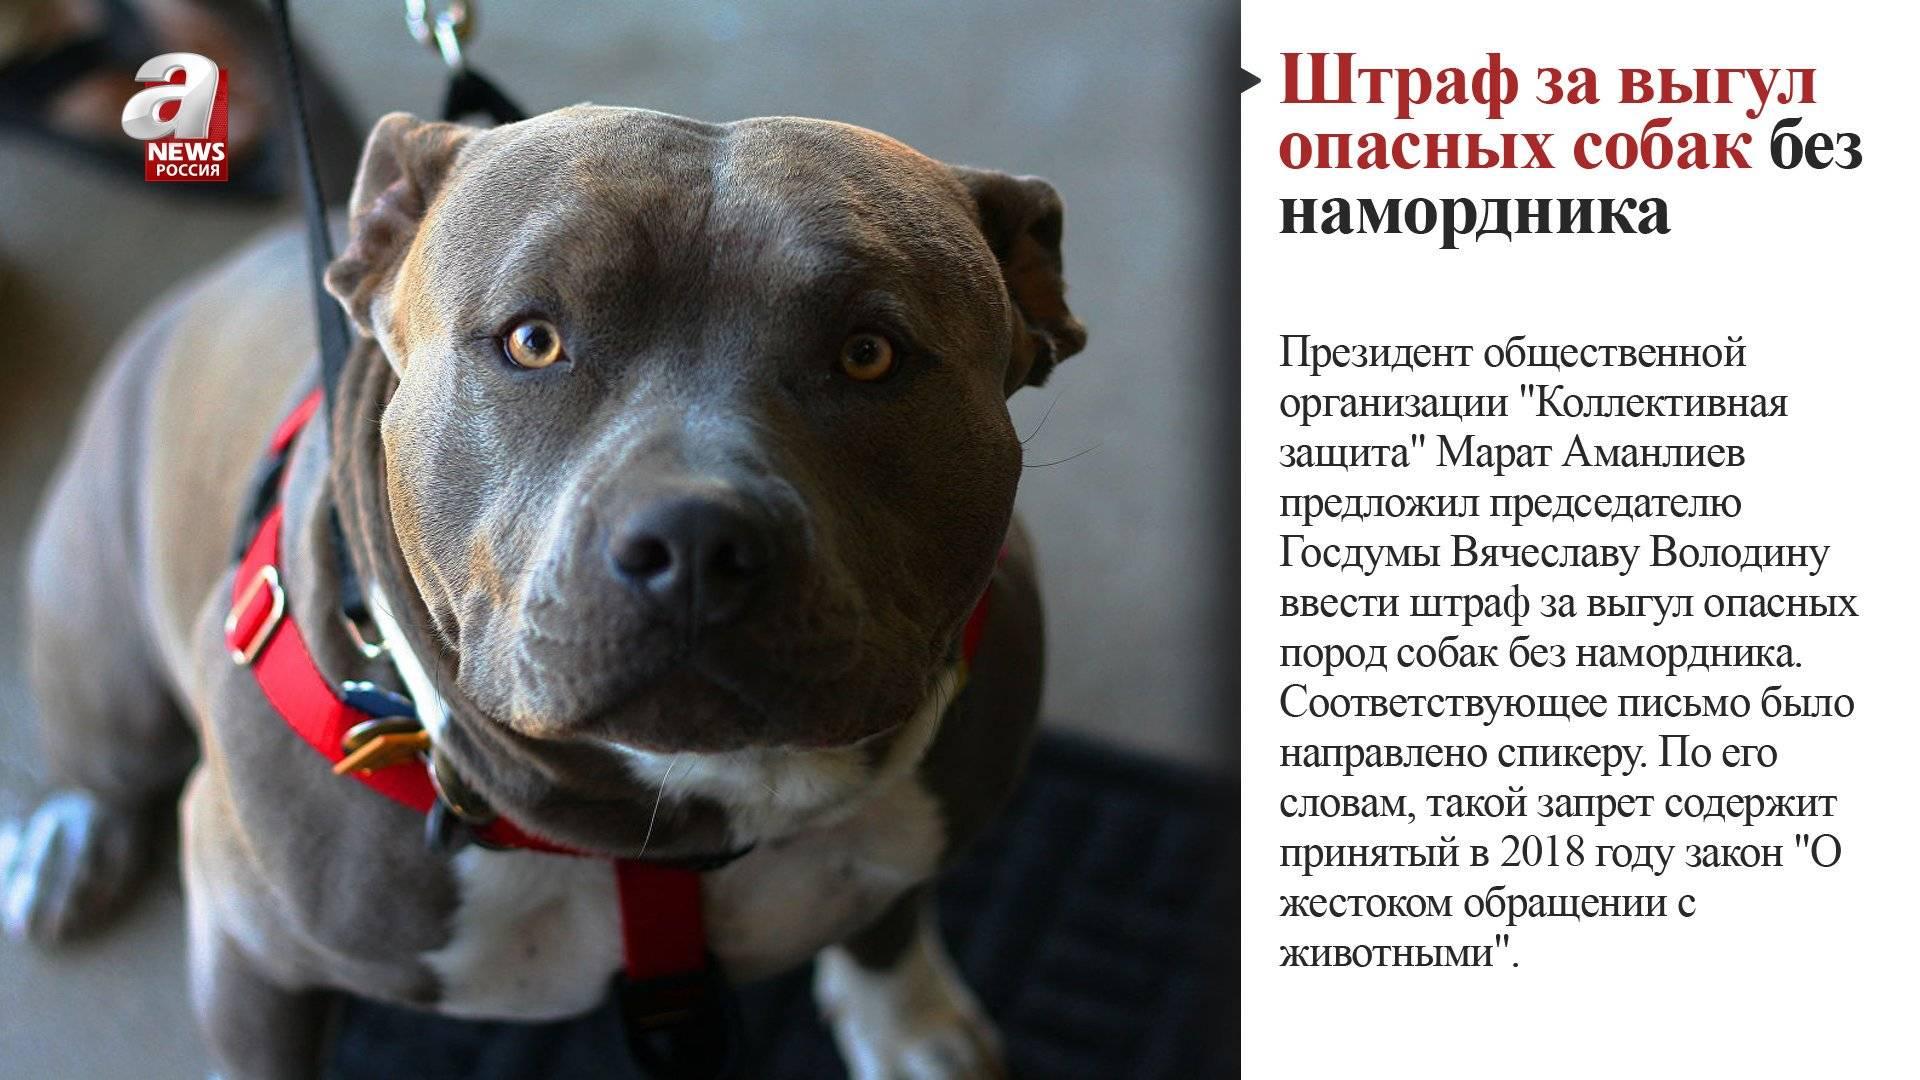 Сокращения перечня потенциально опасных собак. какие породы вошли в обновленный список?